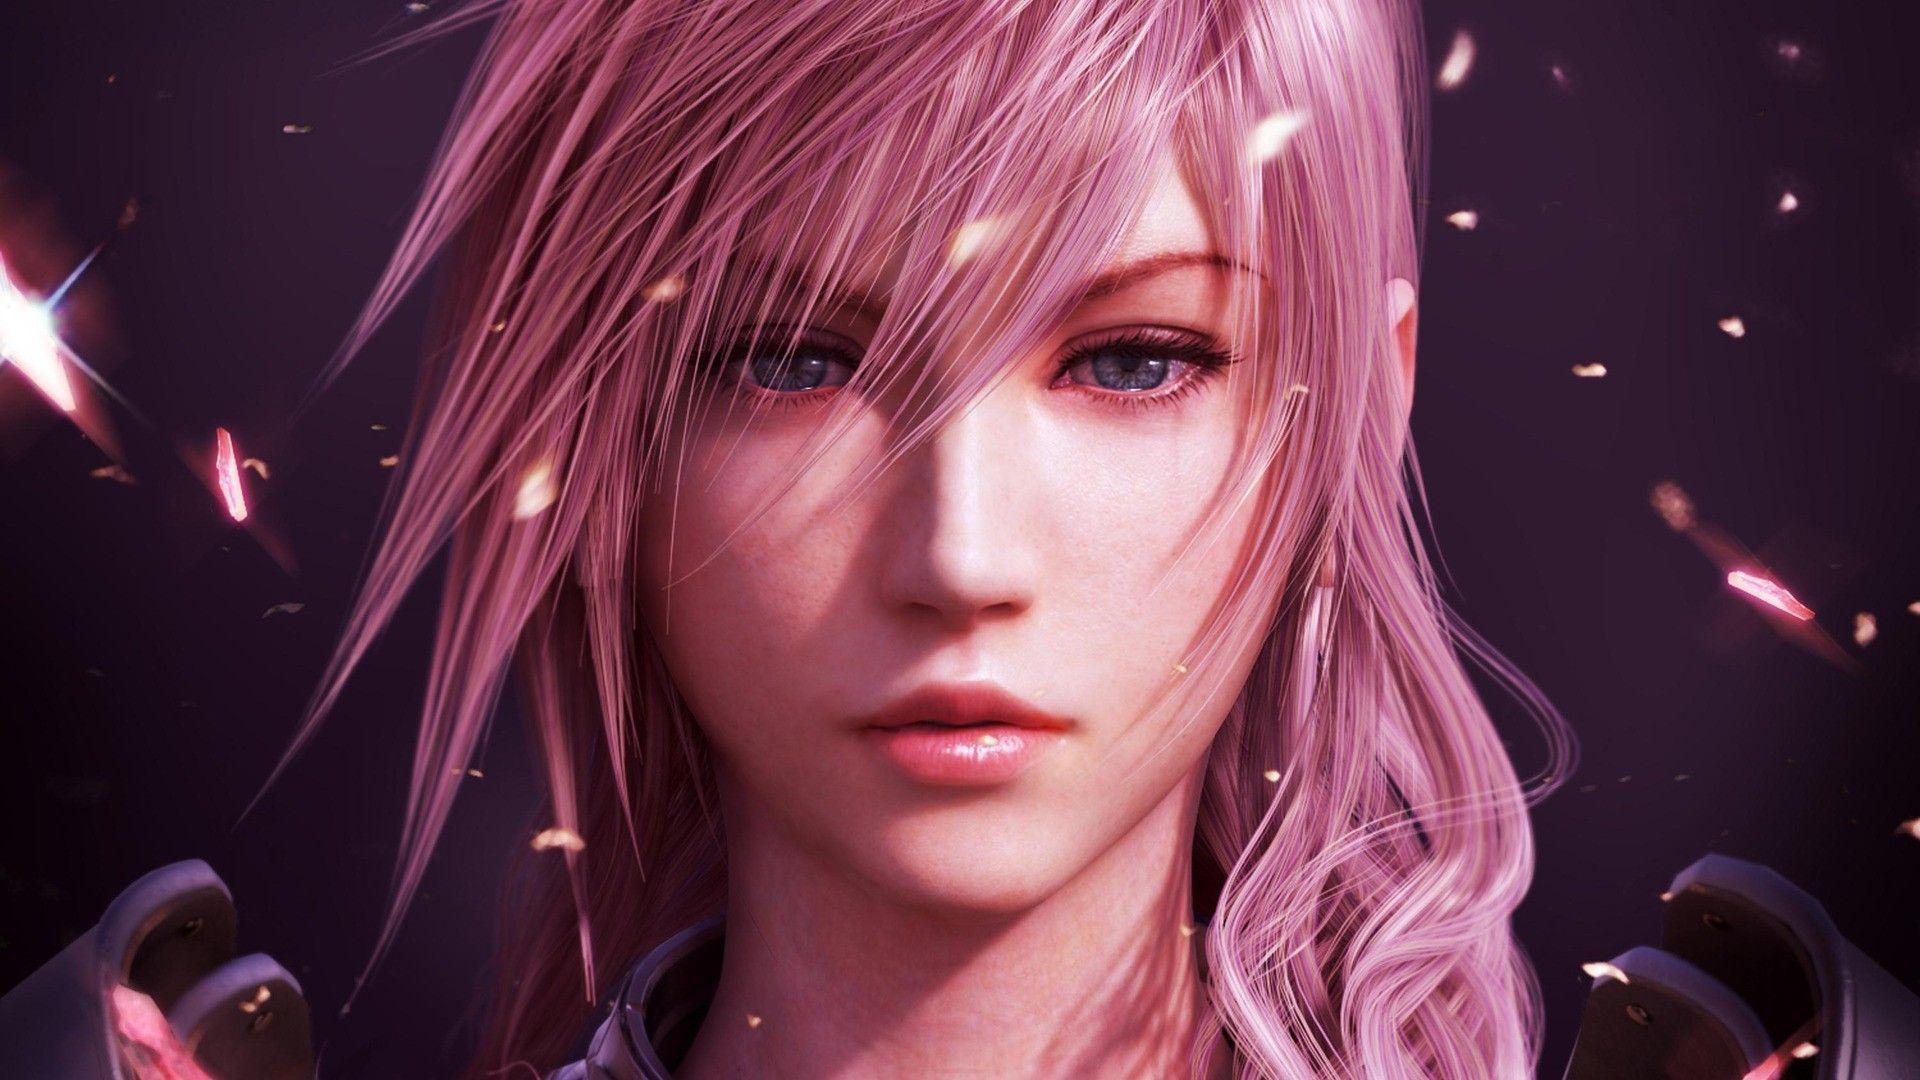 Video Games Claire Farron Final Fantasy Xiii Wallpaper Lightning Final Fantasy Final Fantasy Girls Fantasy Girl